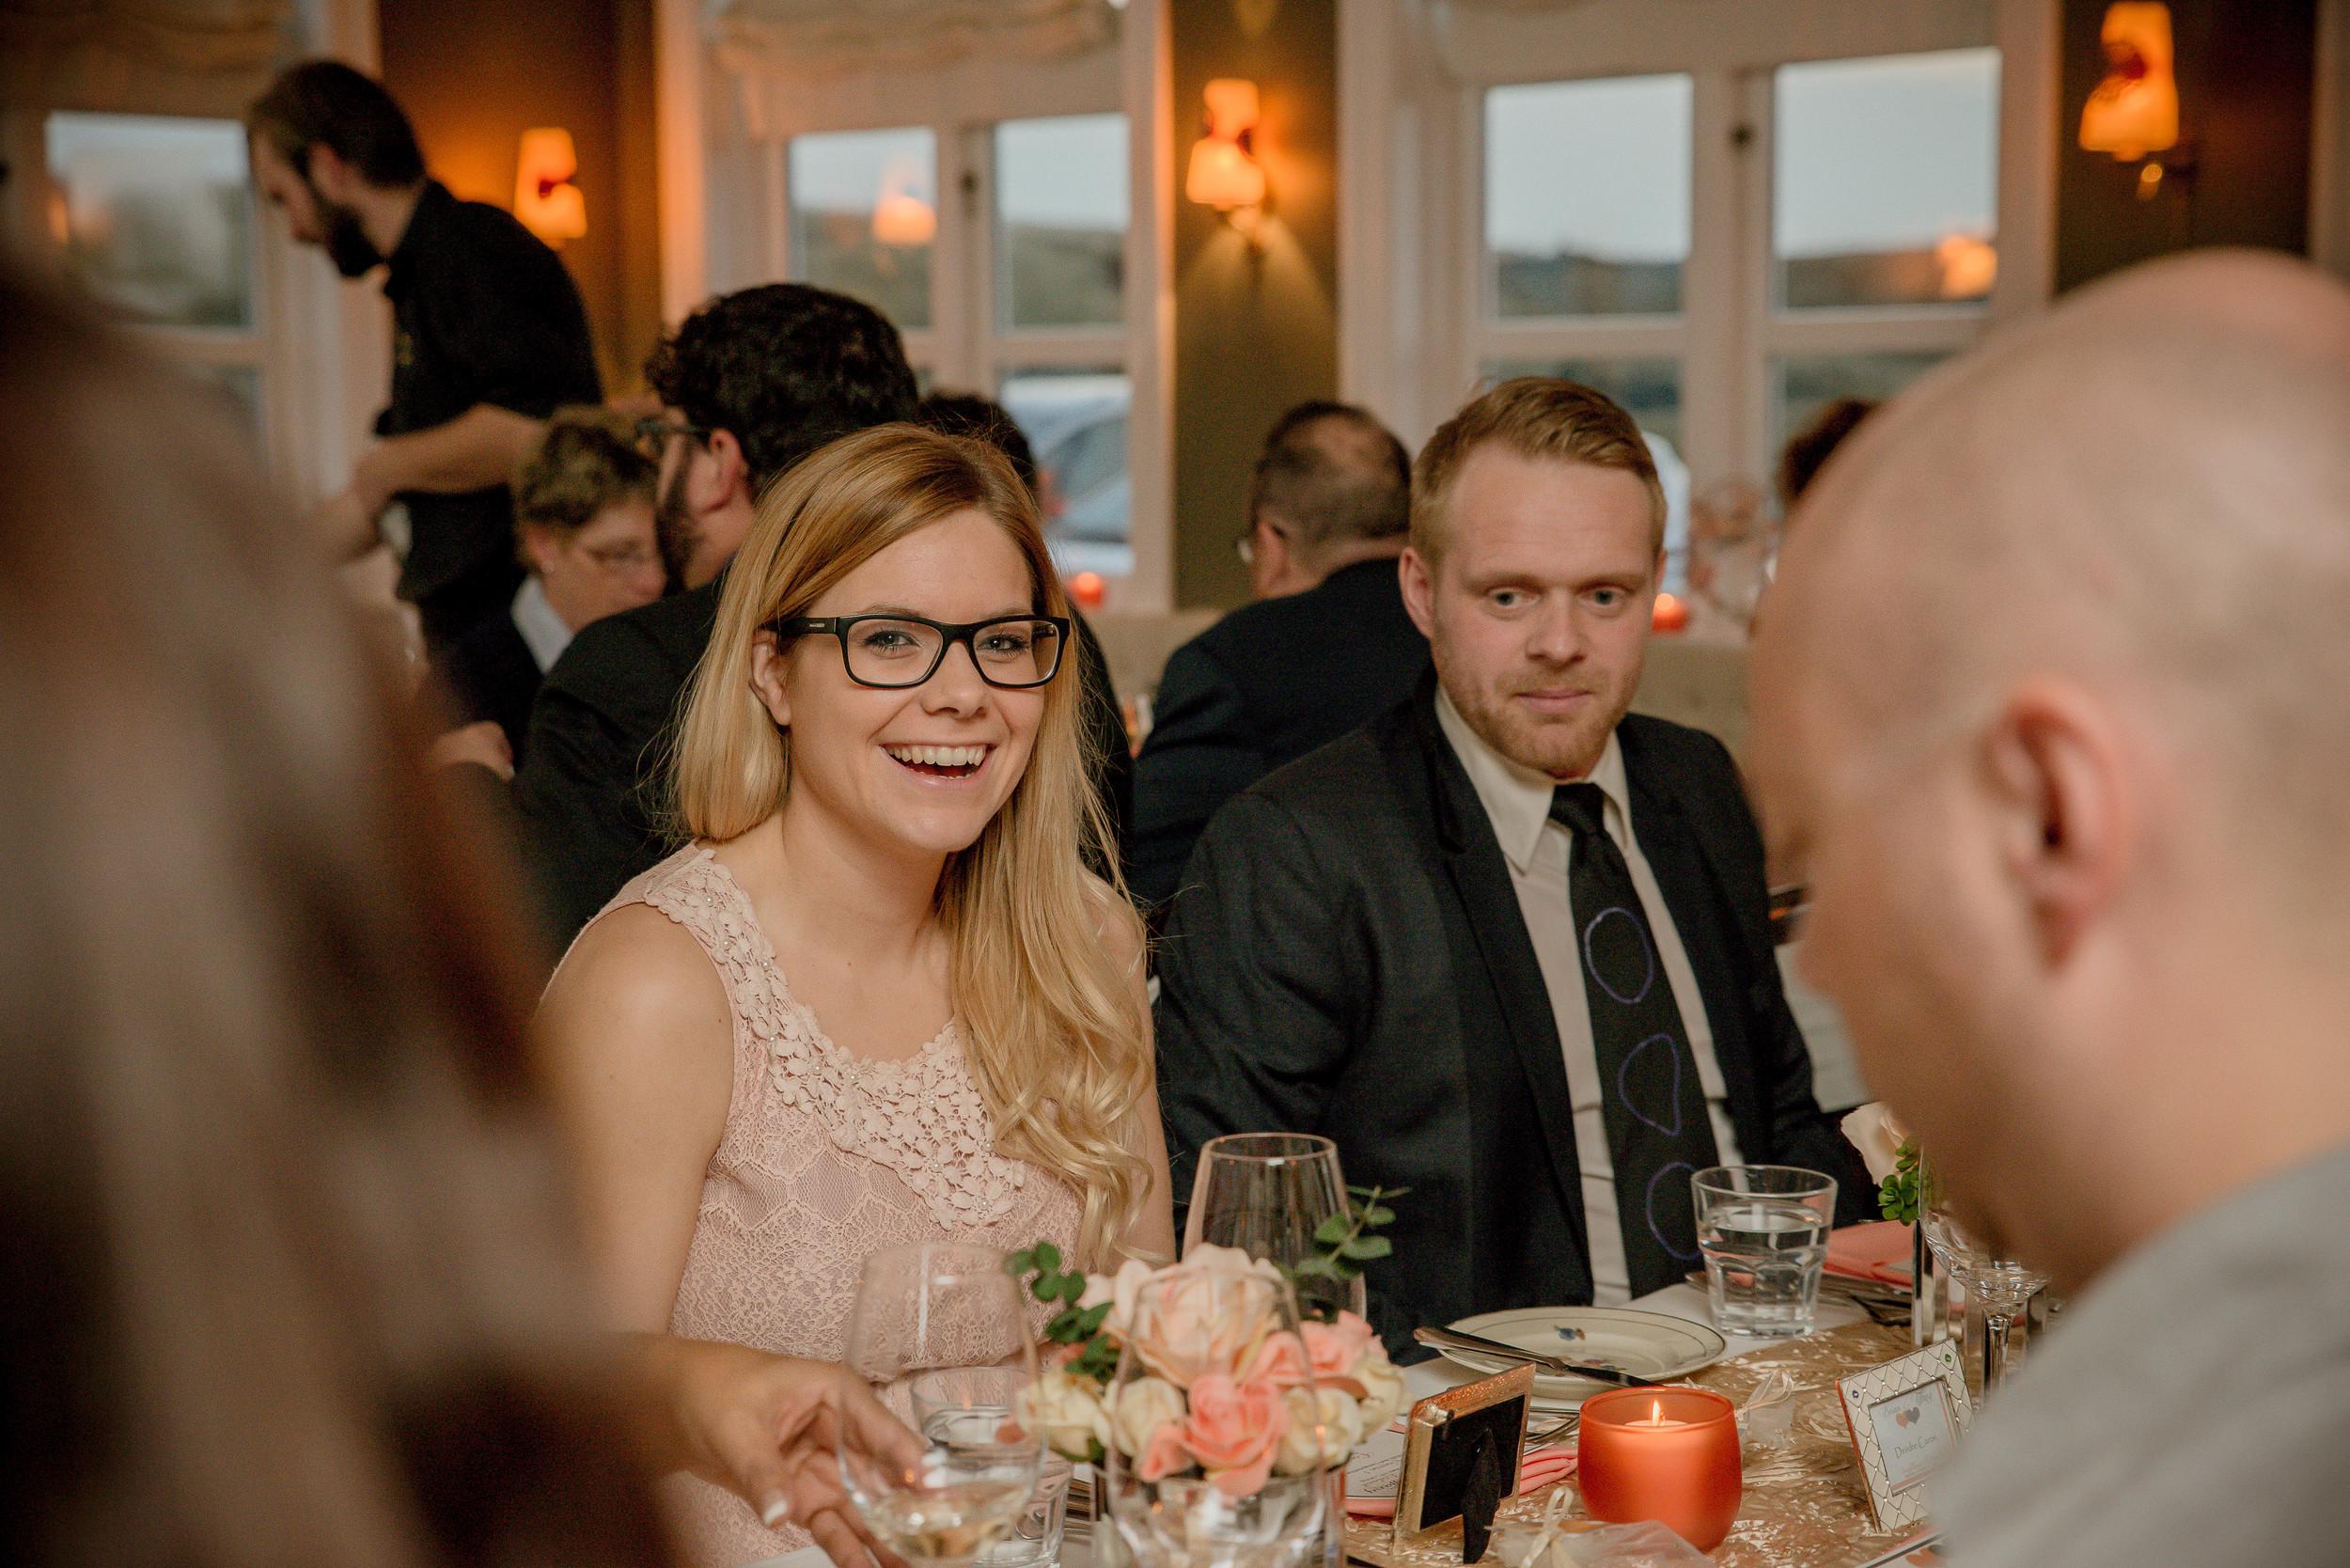 Iceland-Wedding-Photographer-Photos-by-Miss-Ann-48.jpg